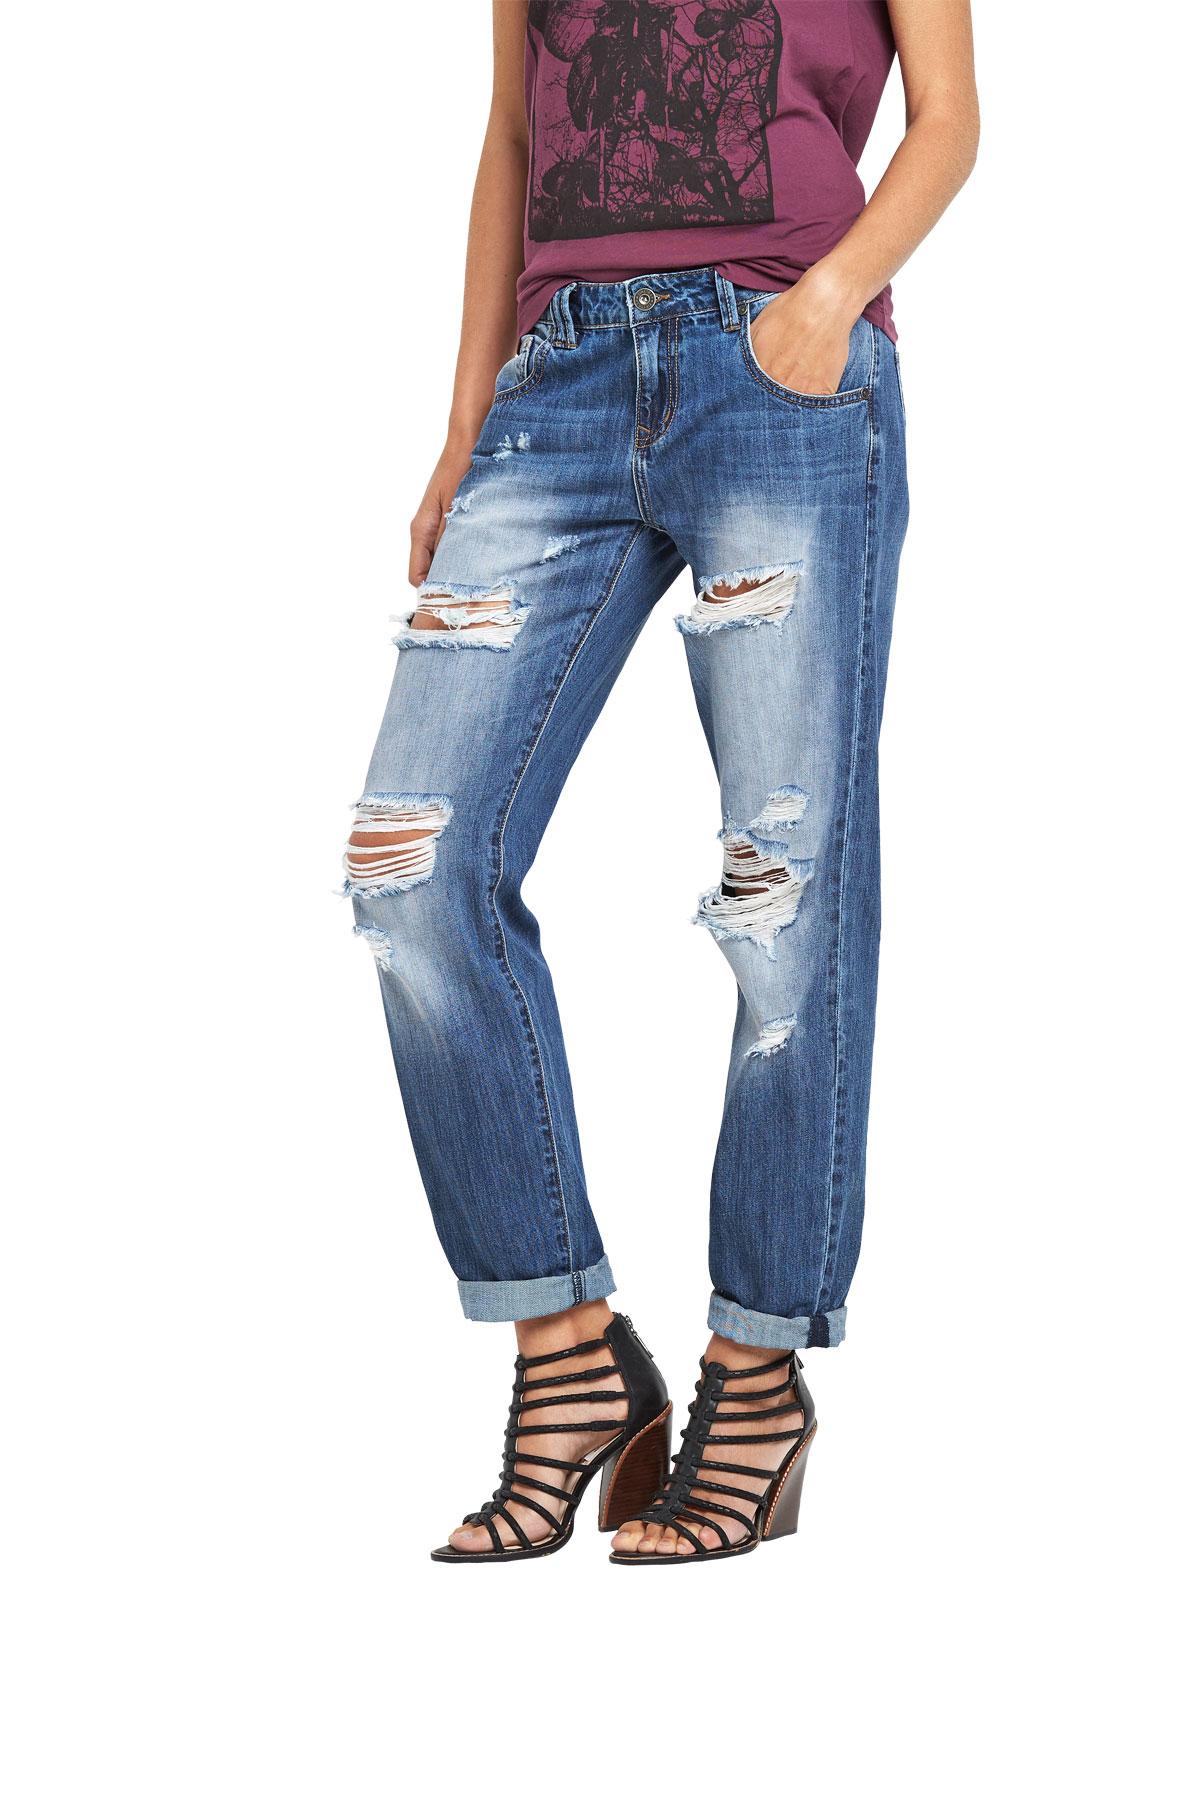 Модные женские джинсы бойфренды-2017: фото стильных 19